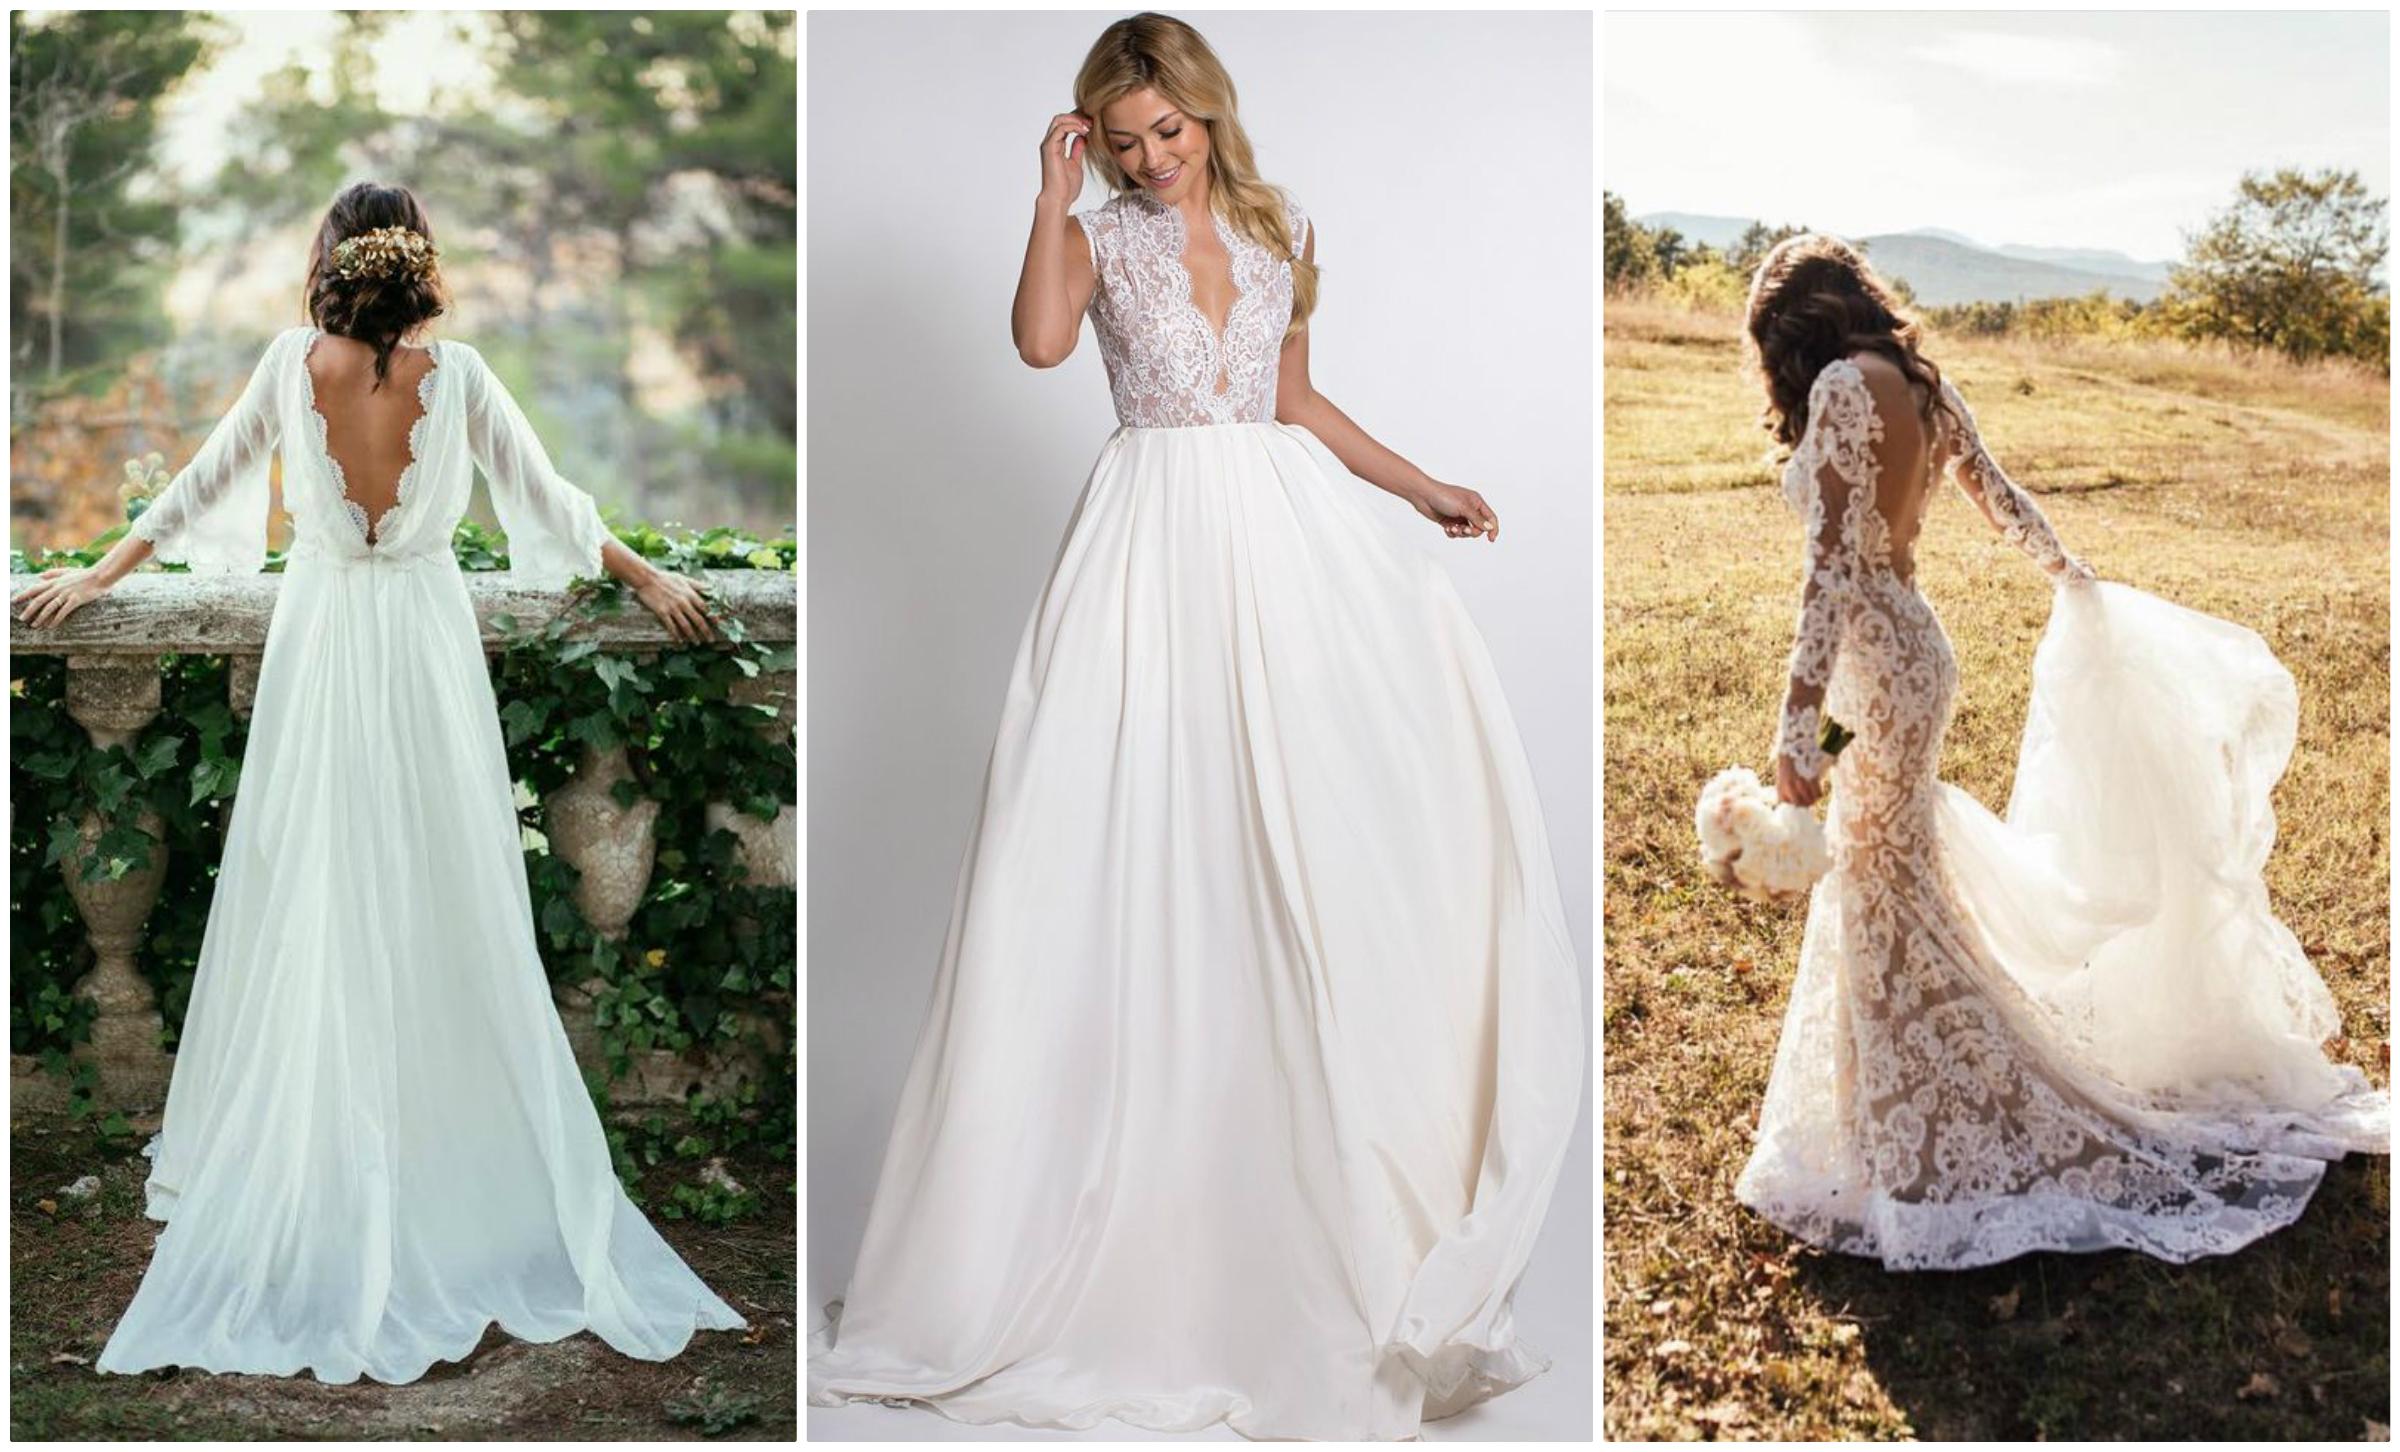 Suknia ślubna Najpiękniejsze Wzory Przegląd